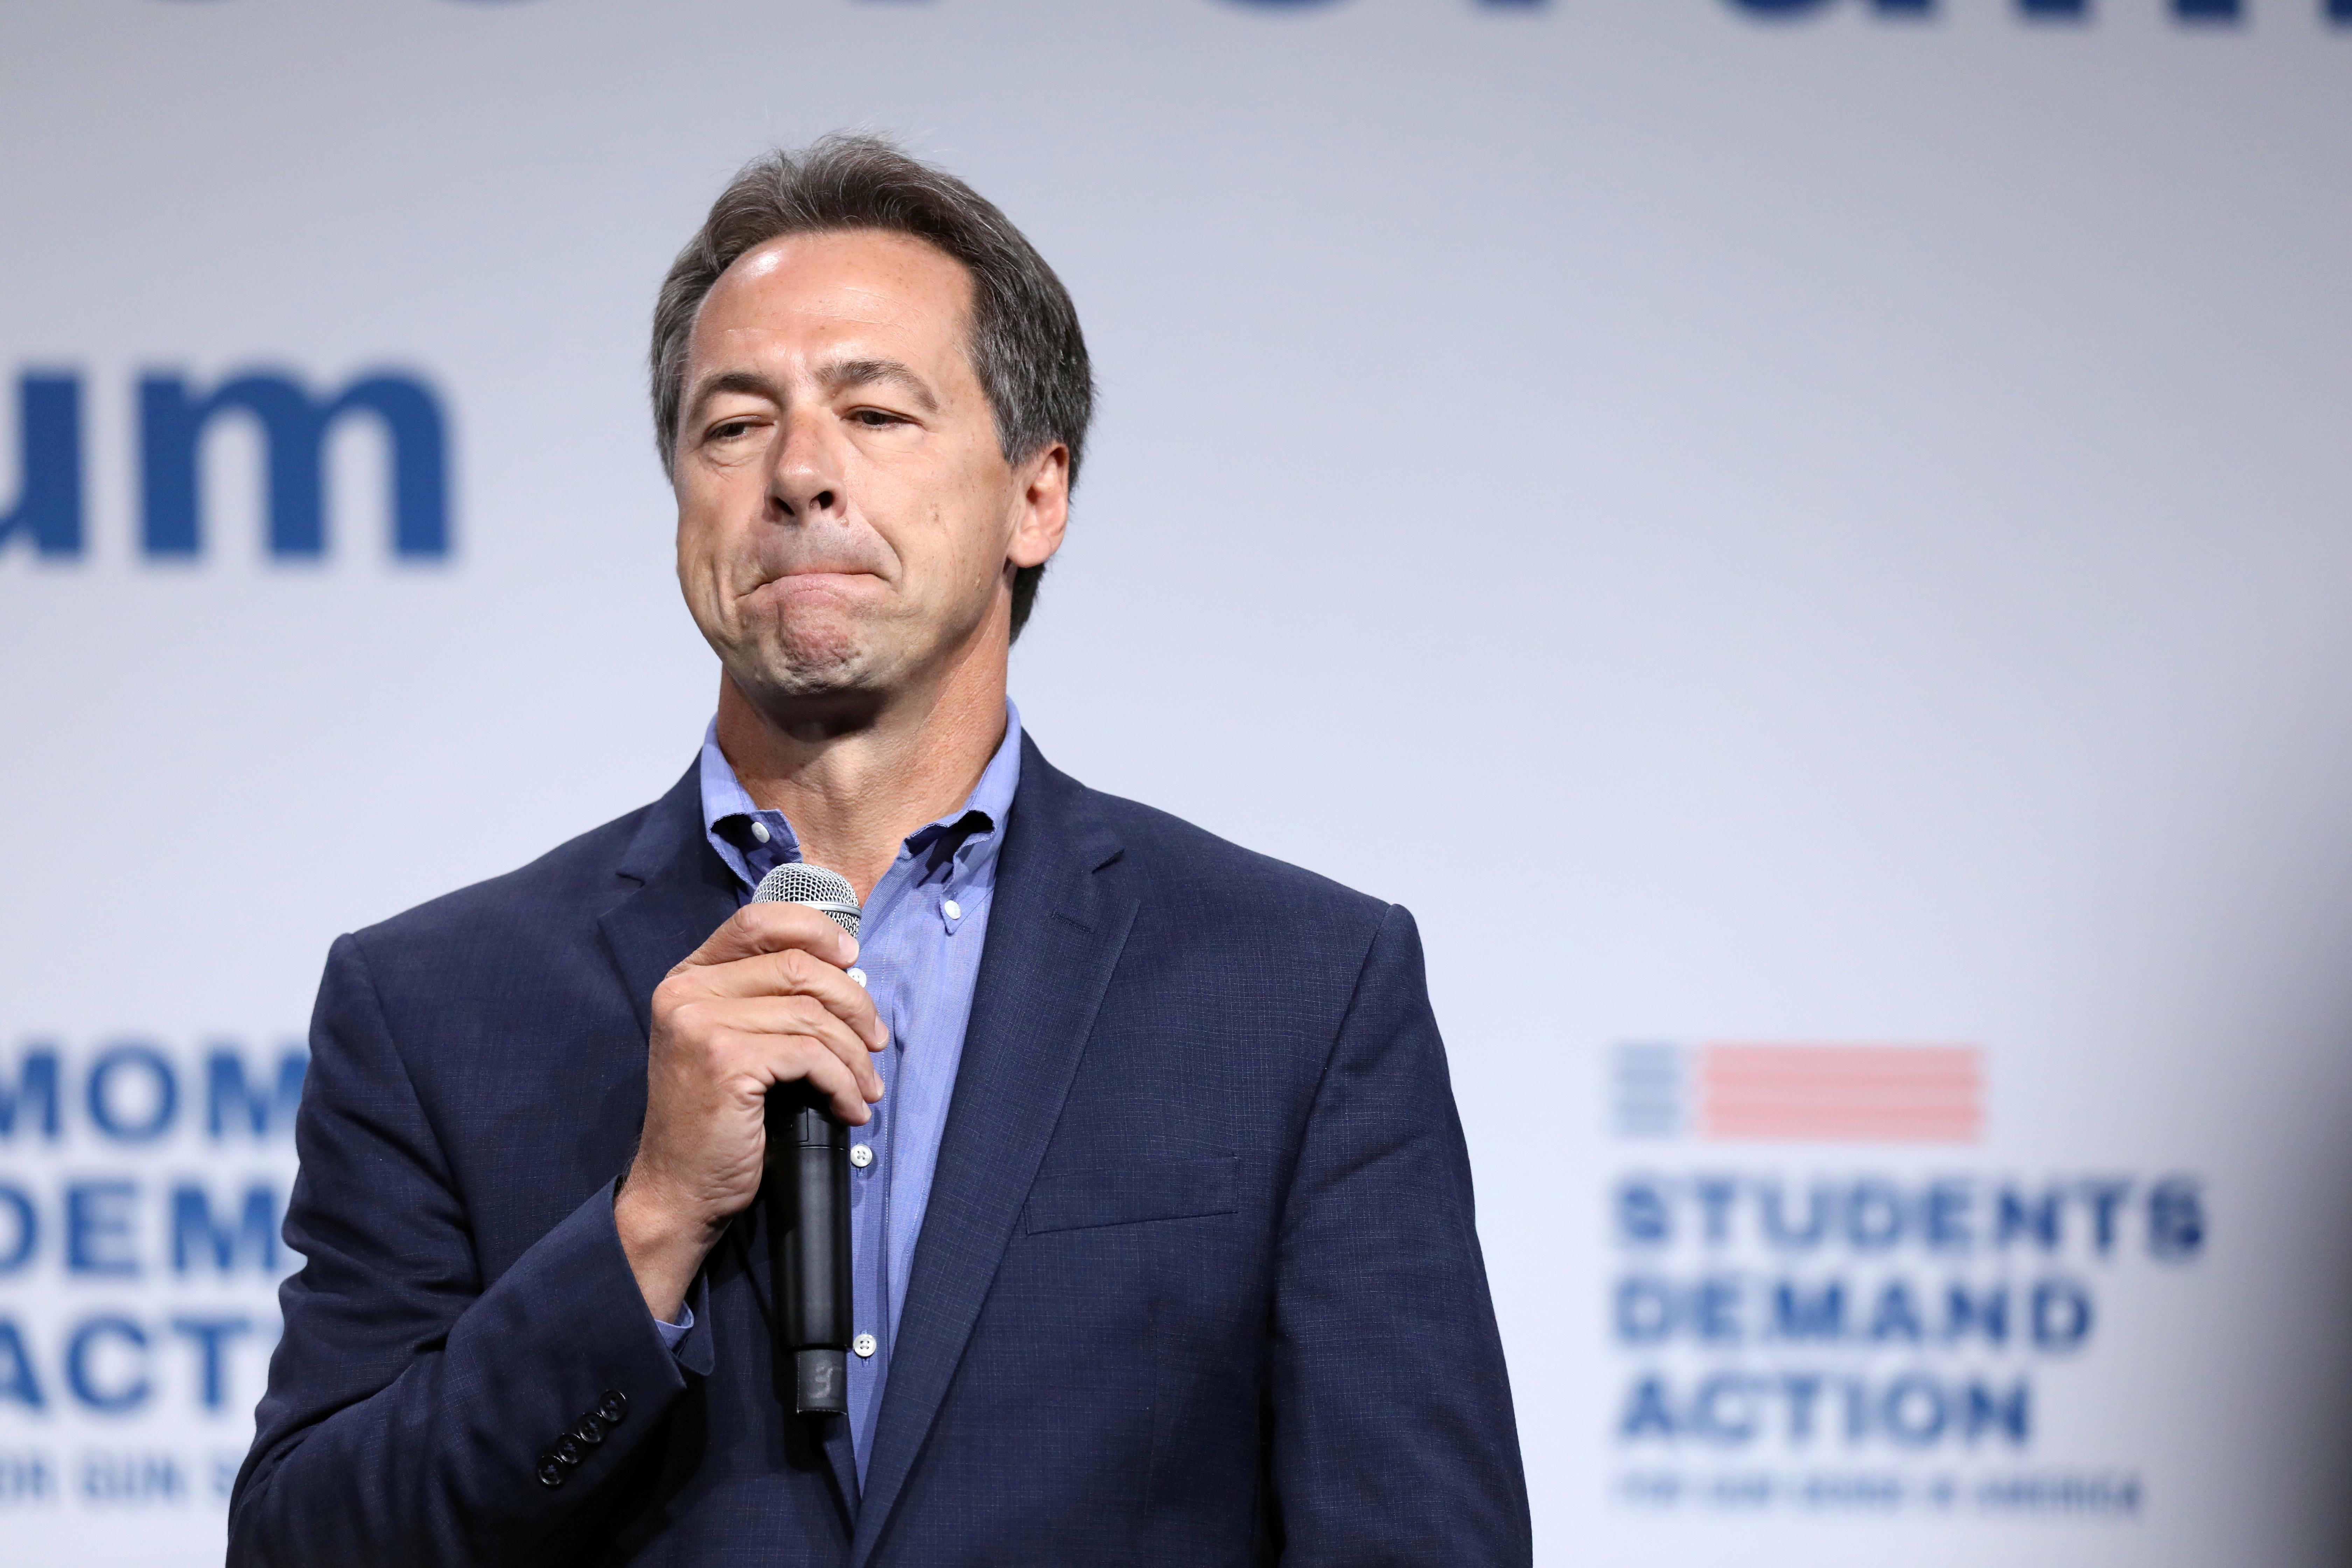 Les démocrates exclus du débat pour occuper du temps avec la télévision, les mairies et la bière